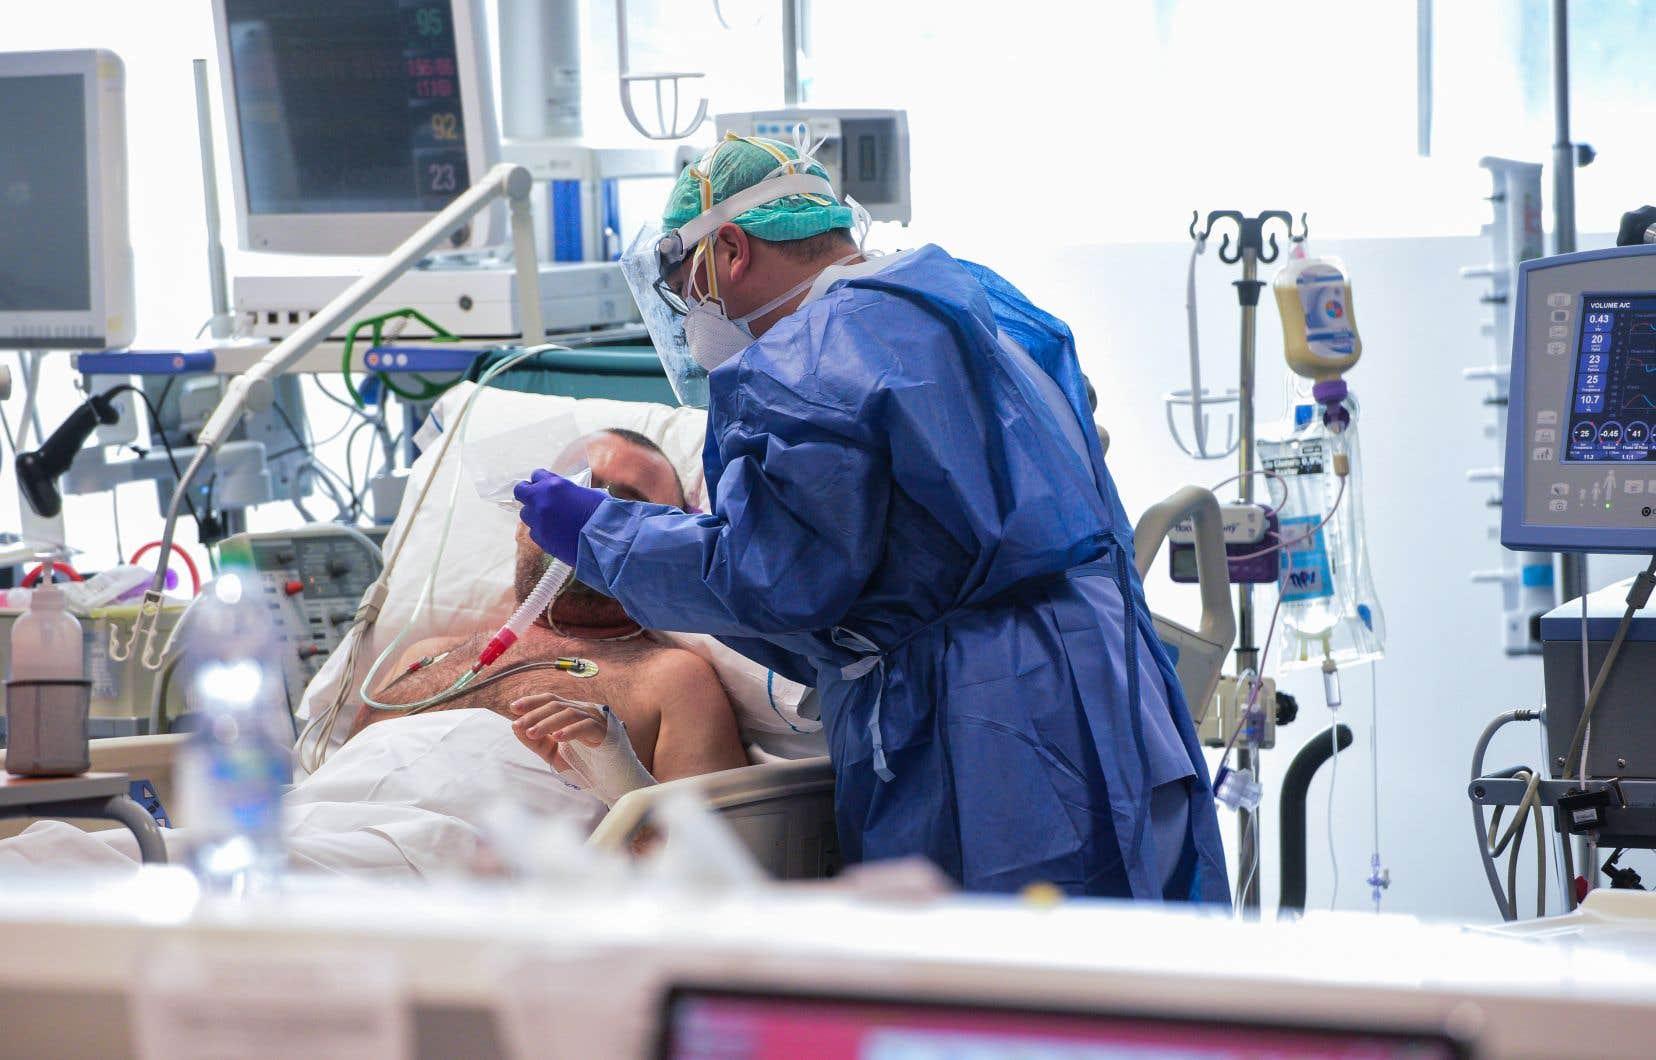 La formule du «premier arrivé, premier servi» vaut-il pour les lits en soins intensifs ou les respirateurs? Le comité d'éthique devra se pencher sur ce type de question.